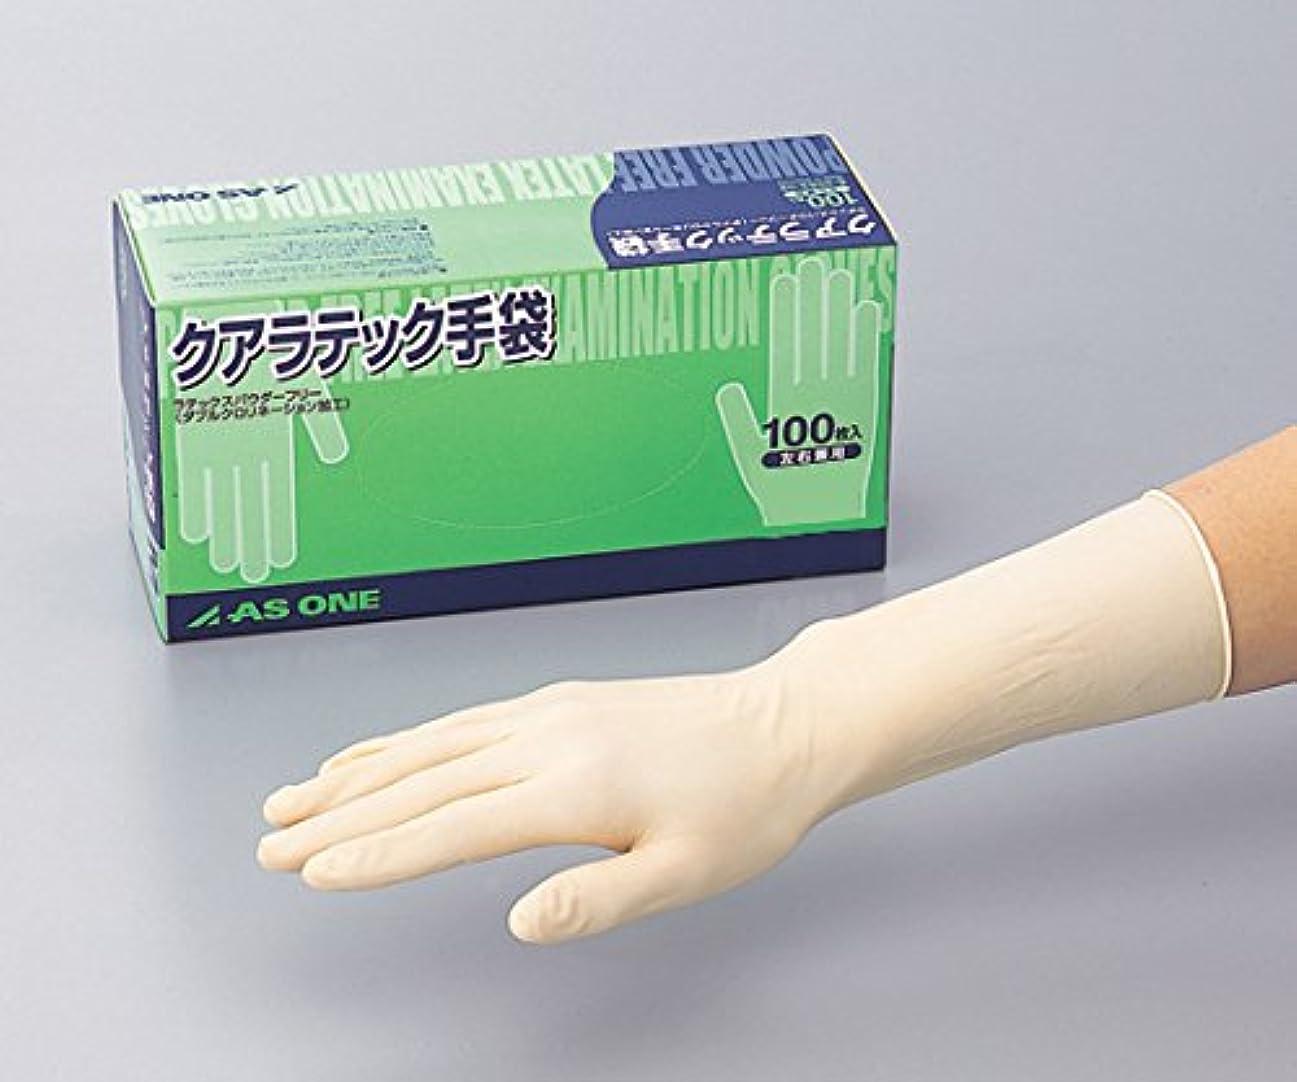 放置疾患泥棒アズワン8-4053-13クアラテック手袋(DXパウダーフリー)S10箱(1000枚入)